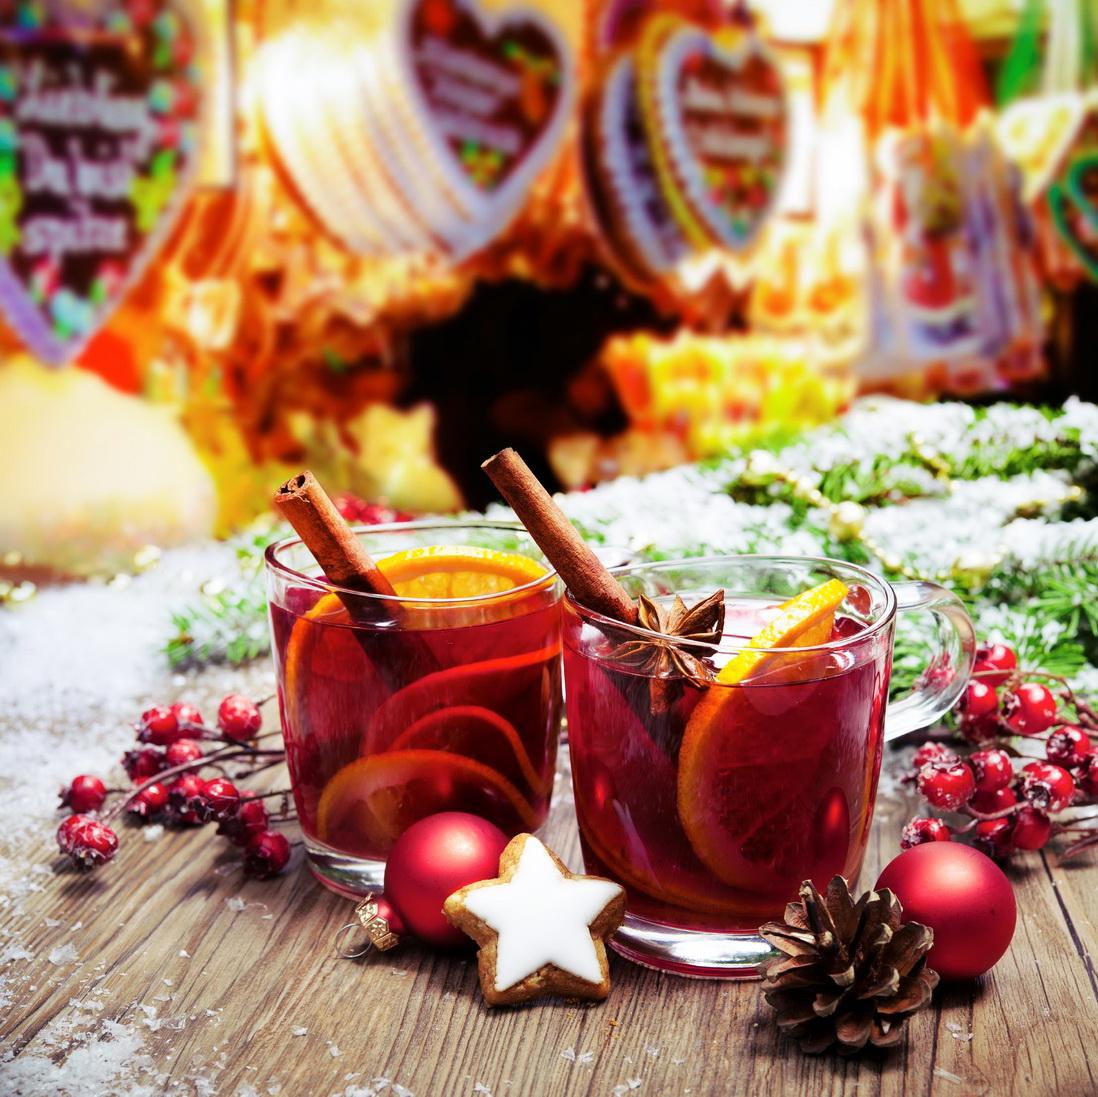 Рождественская ярмарка в Инсбруке - пробуем глинтвейн